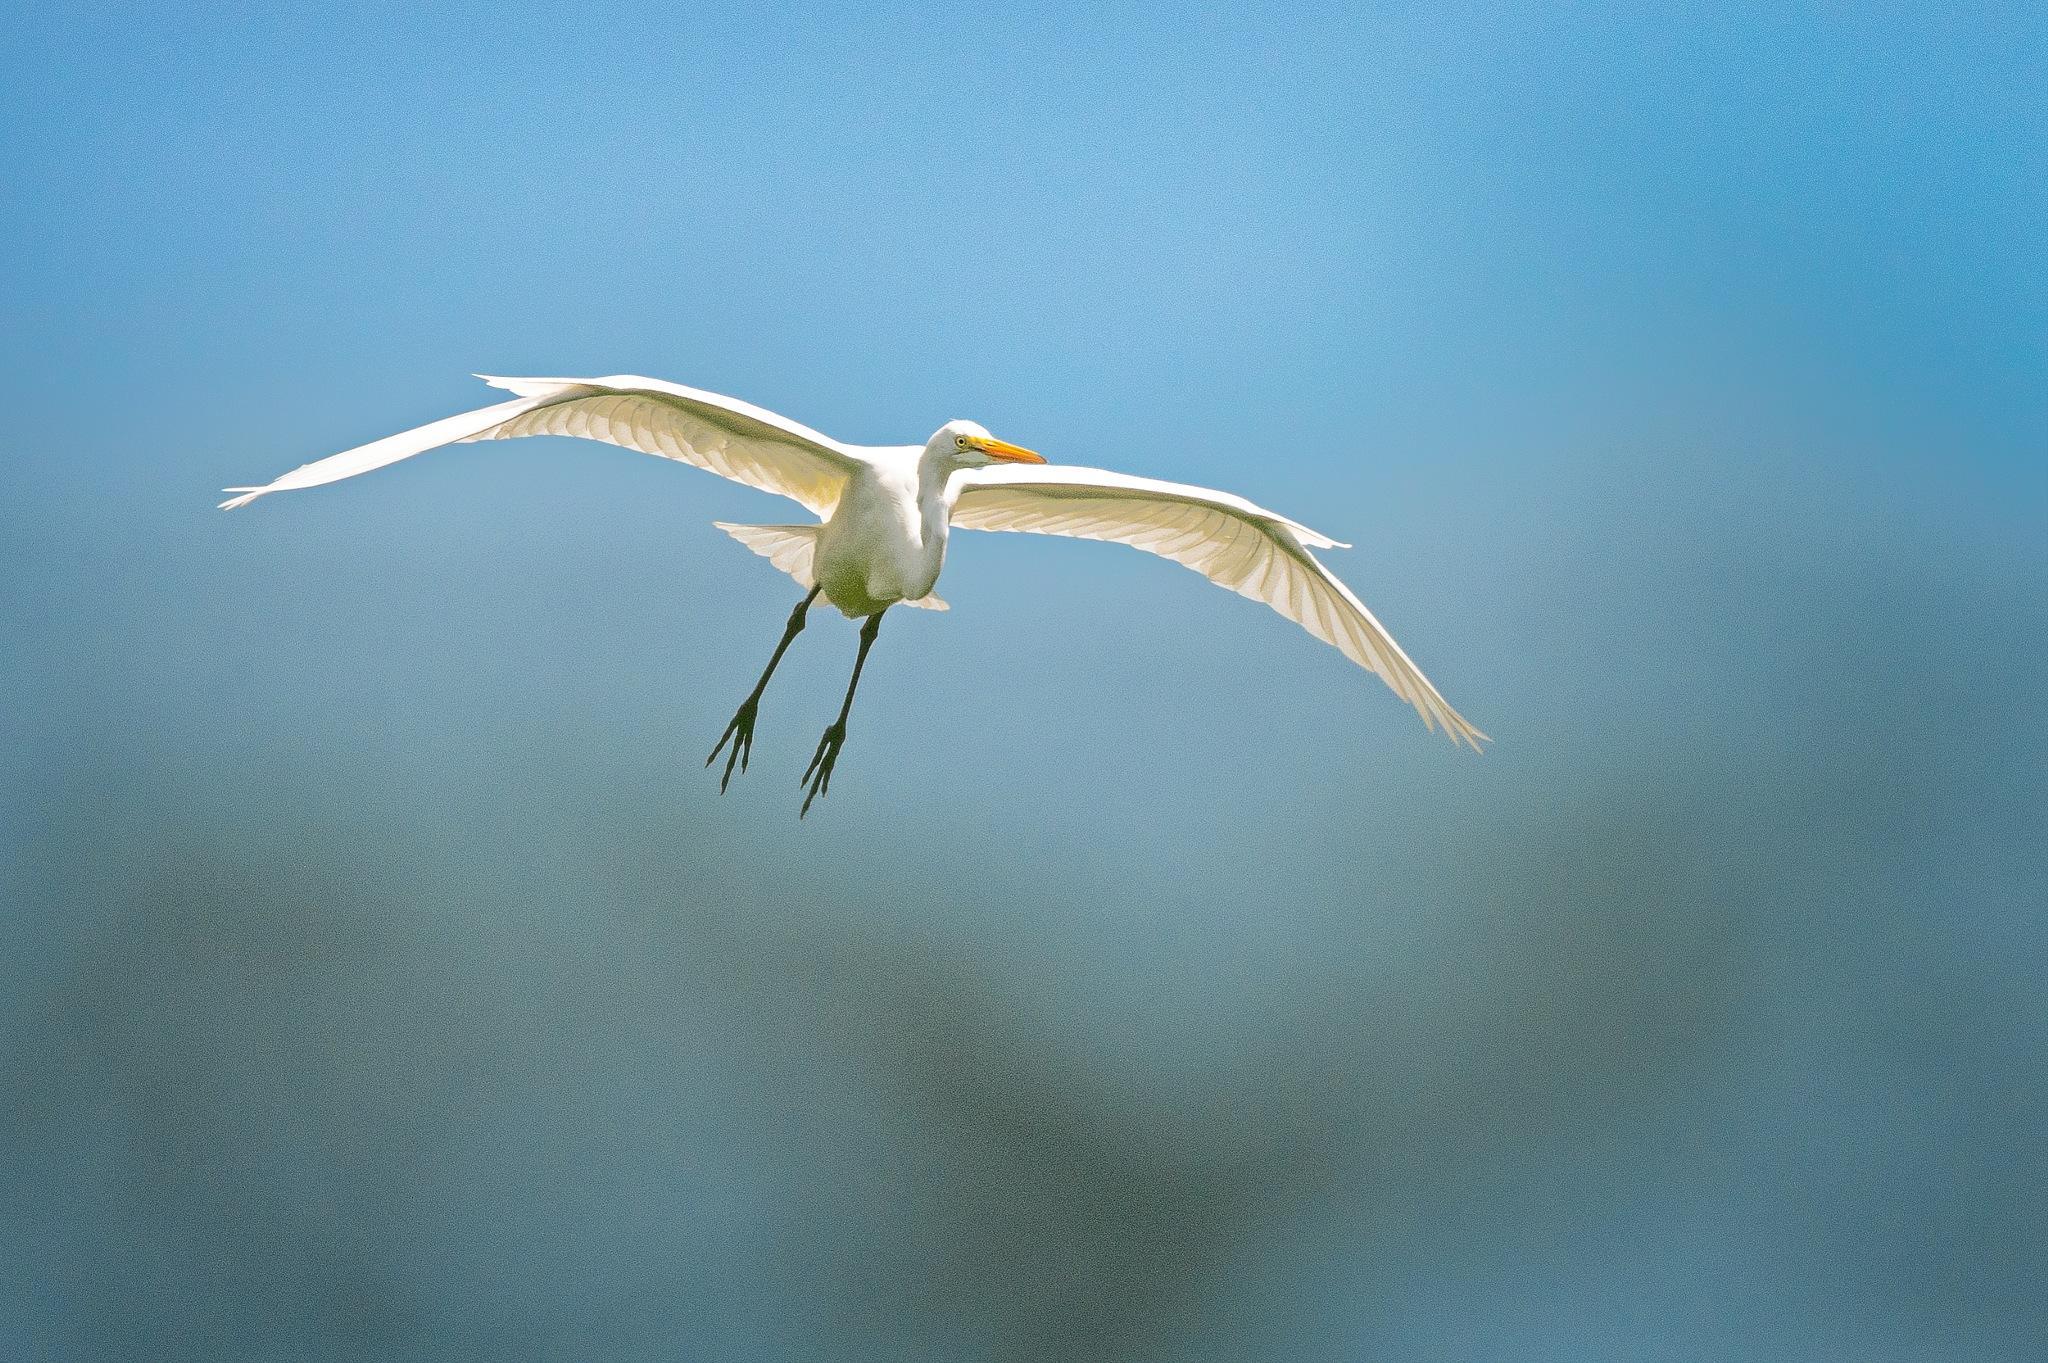 Great Egret in Flight by Steve Director